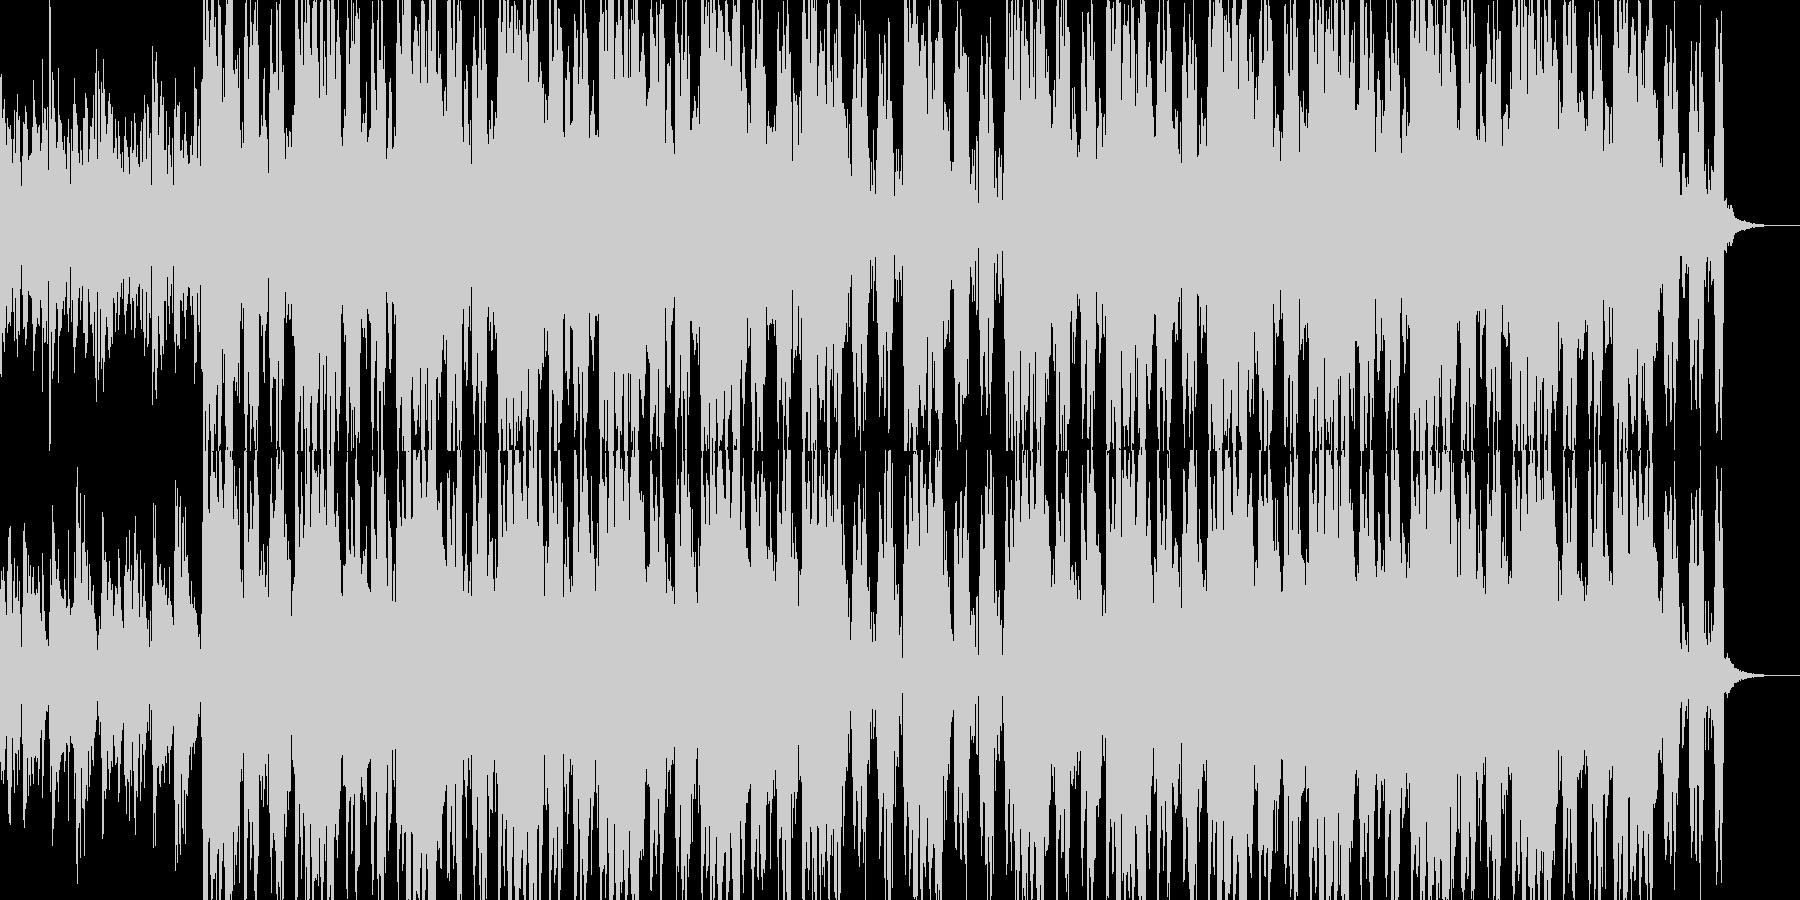 ニュース映像ナレーションバック向け-22の未再生の波形